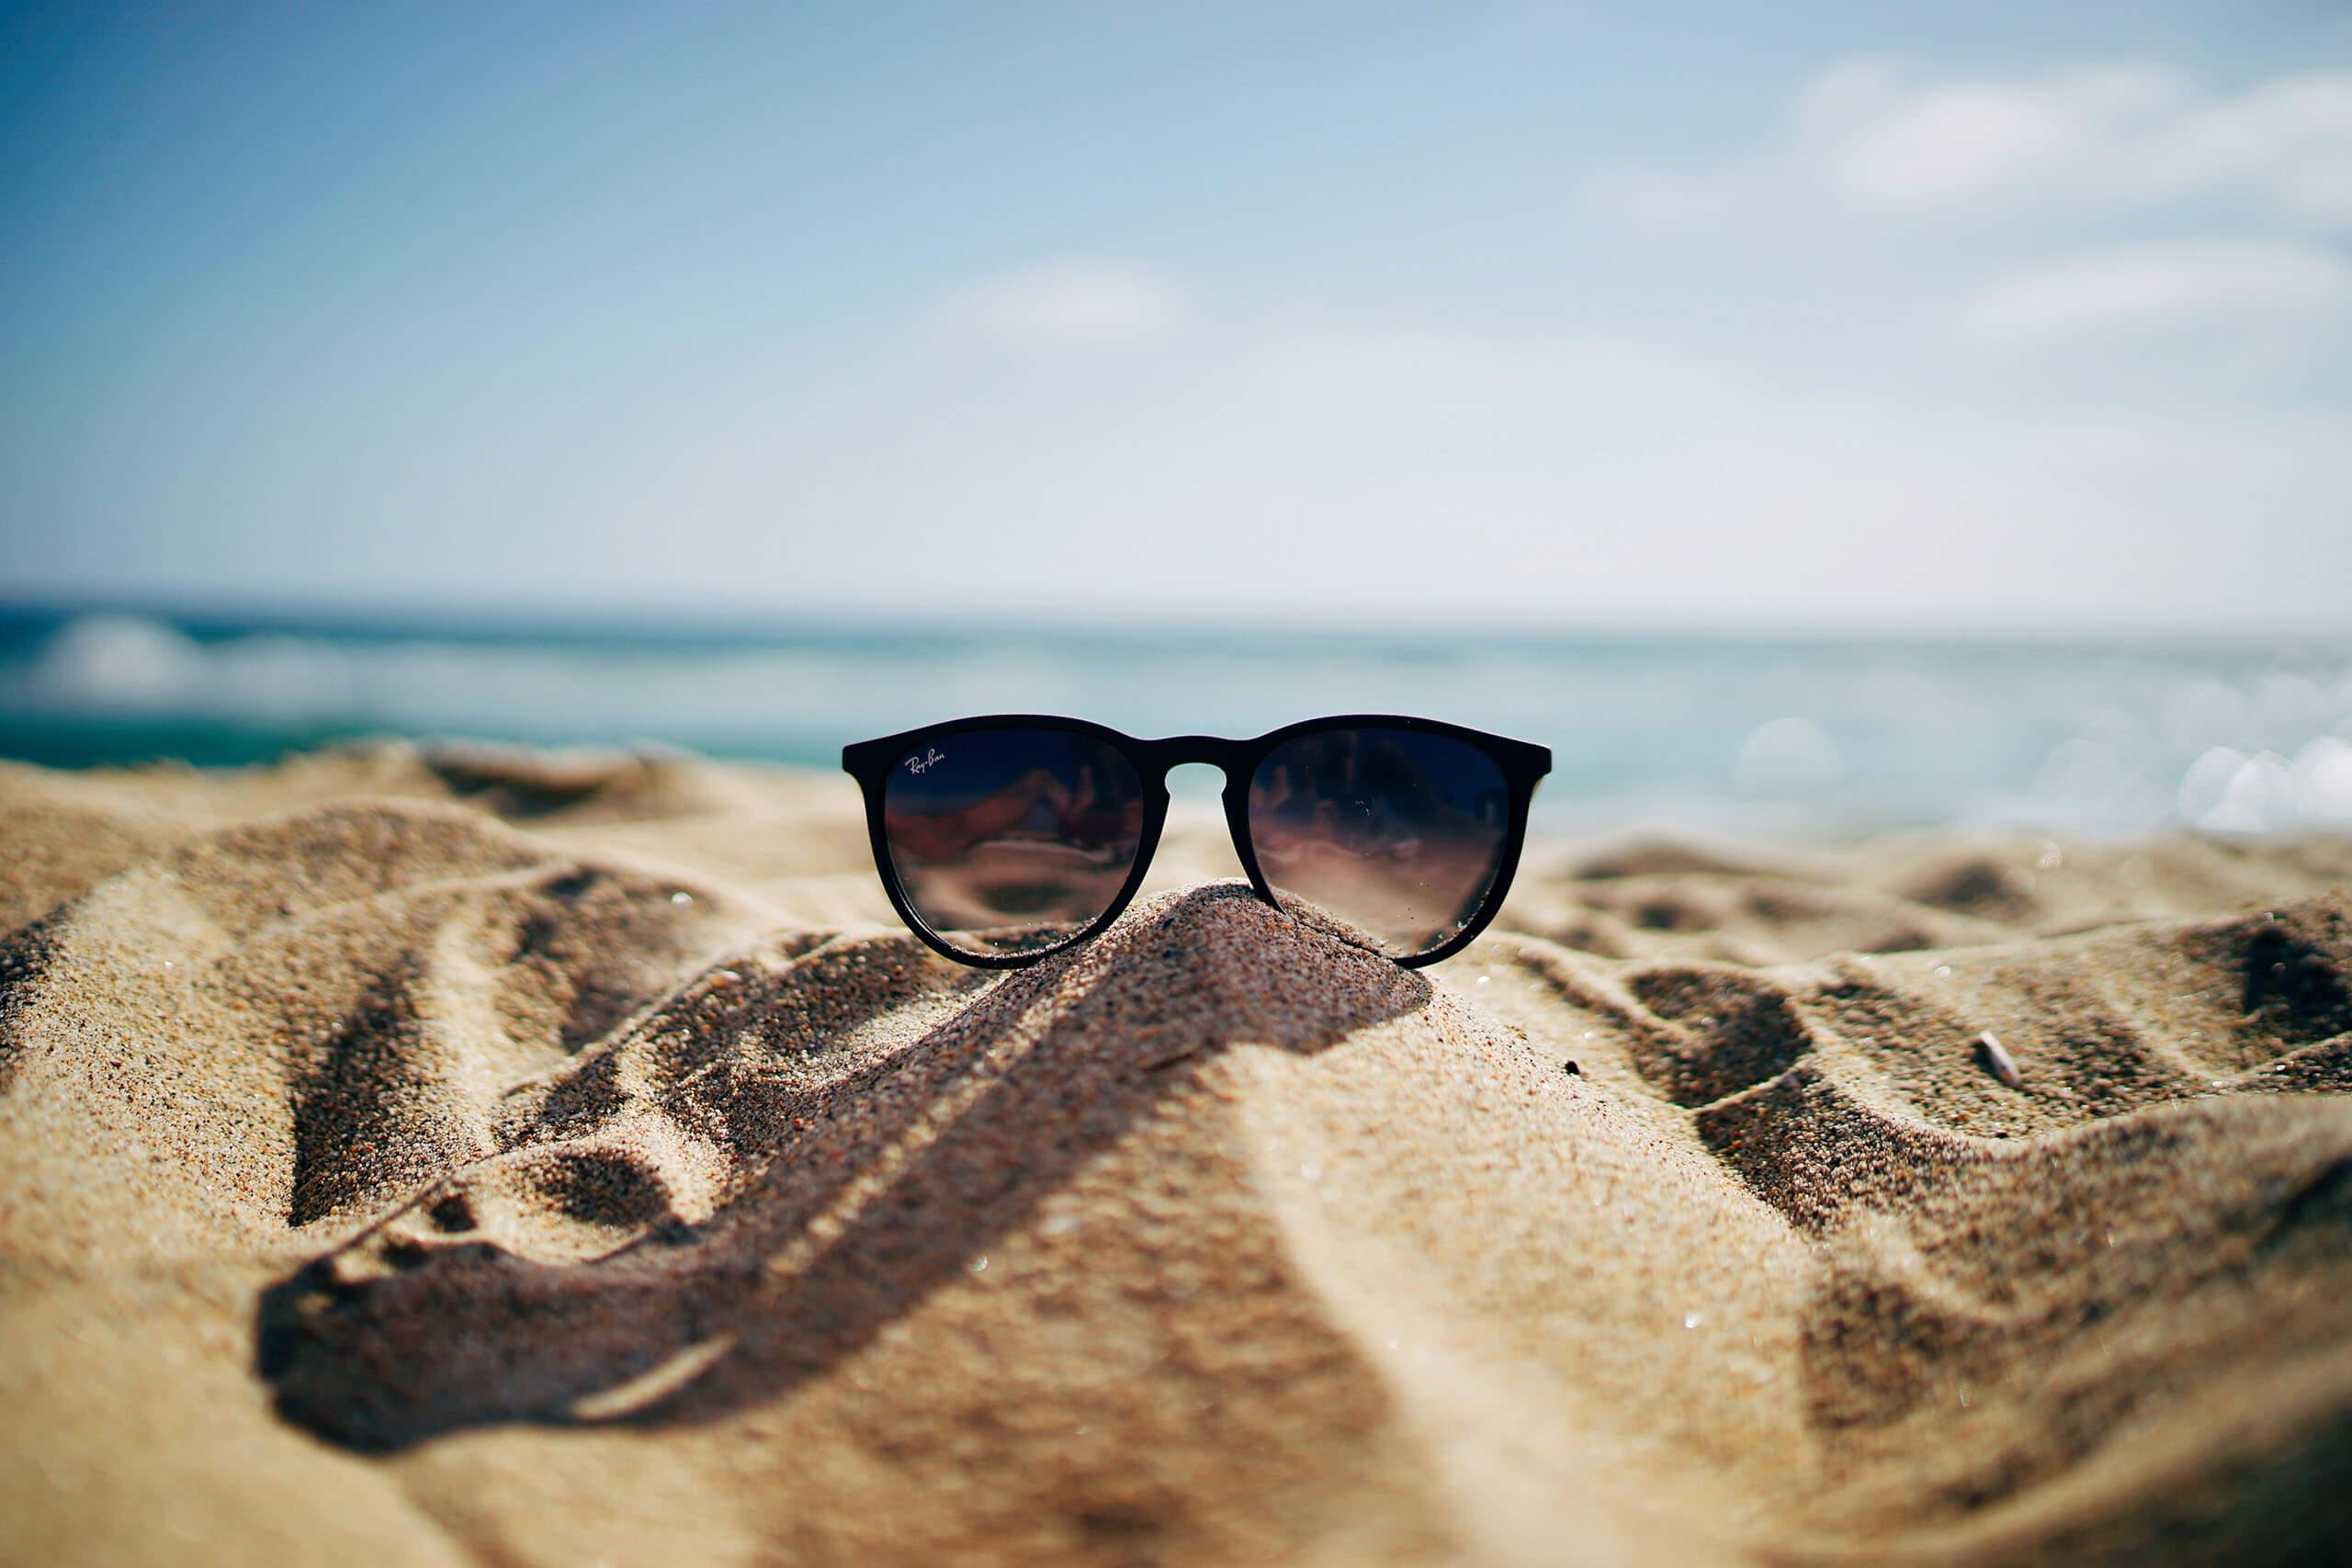 Spiaggia e occhiali da sole